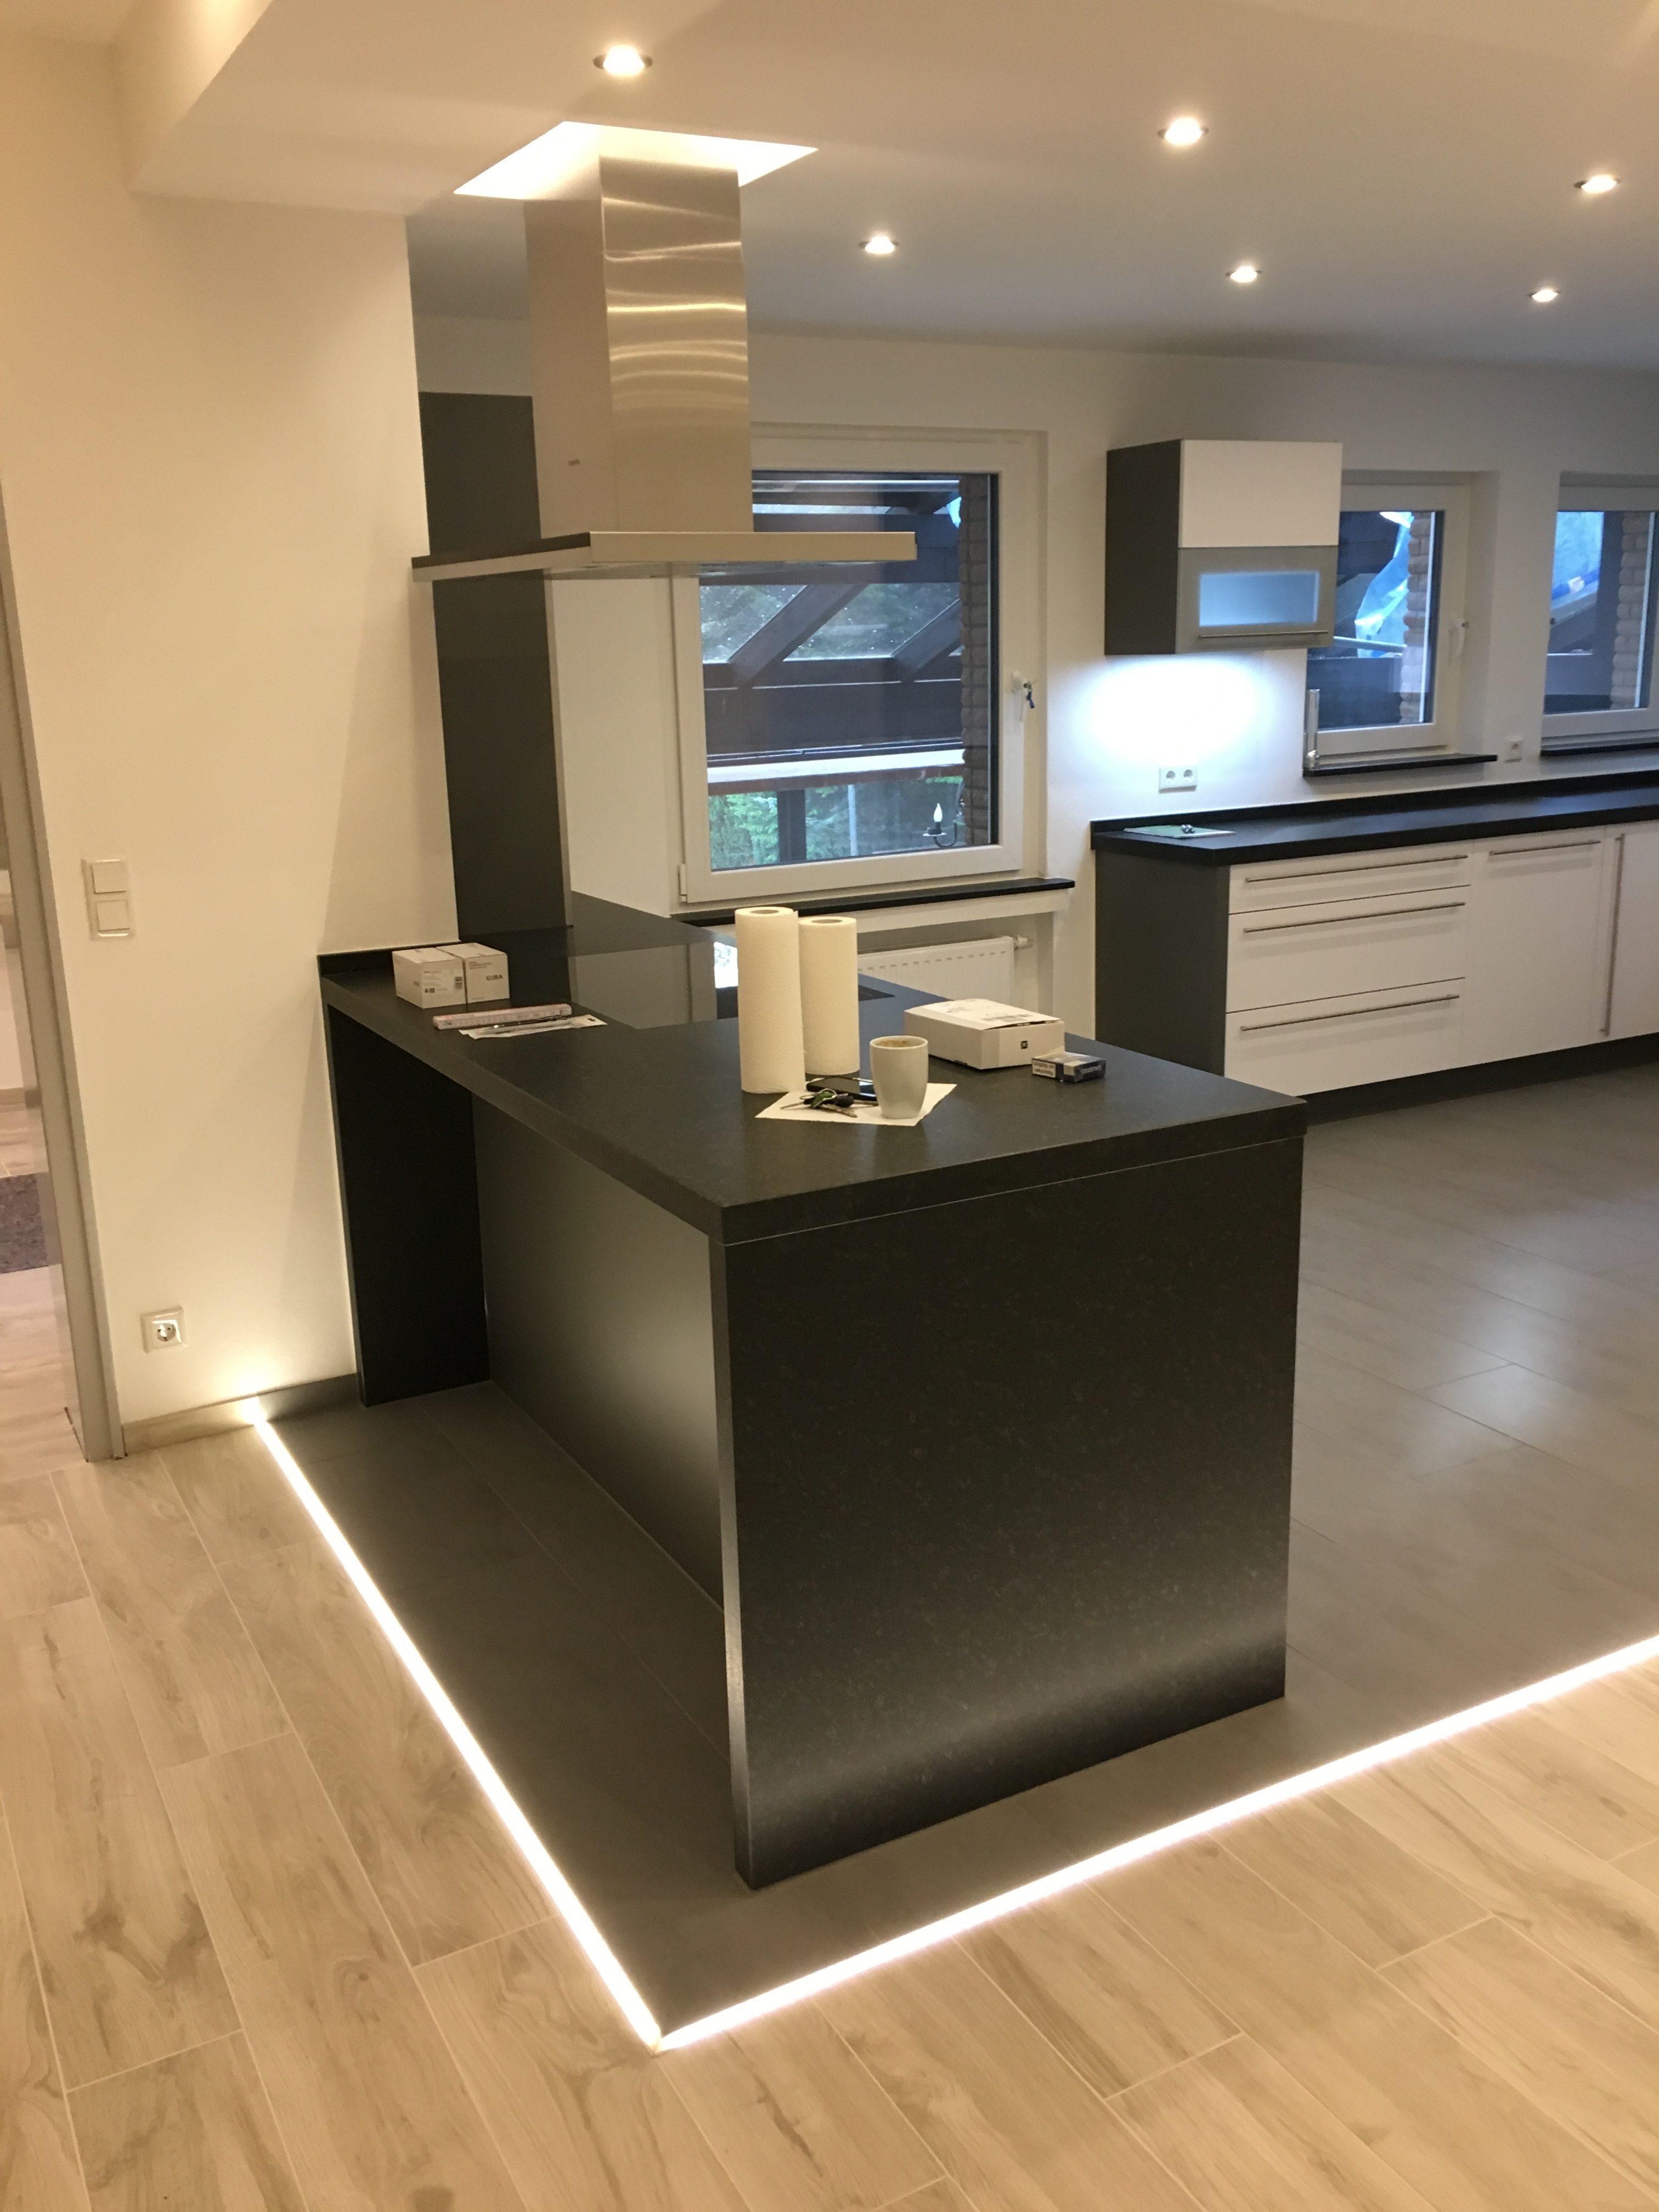 Wohnungssanierung incl. Gäste-WC in Dortmund